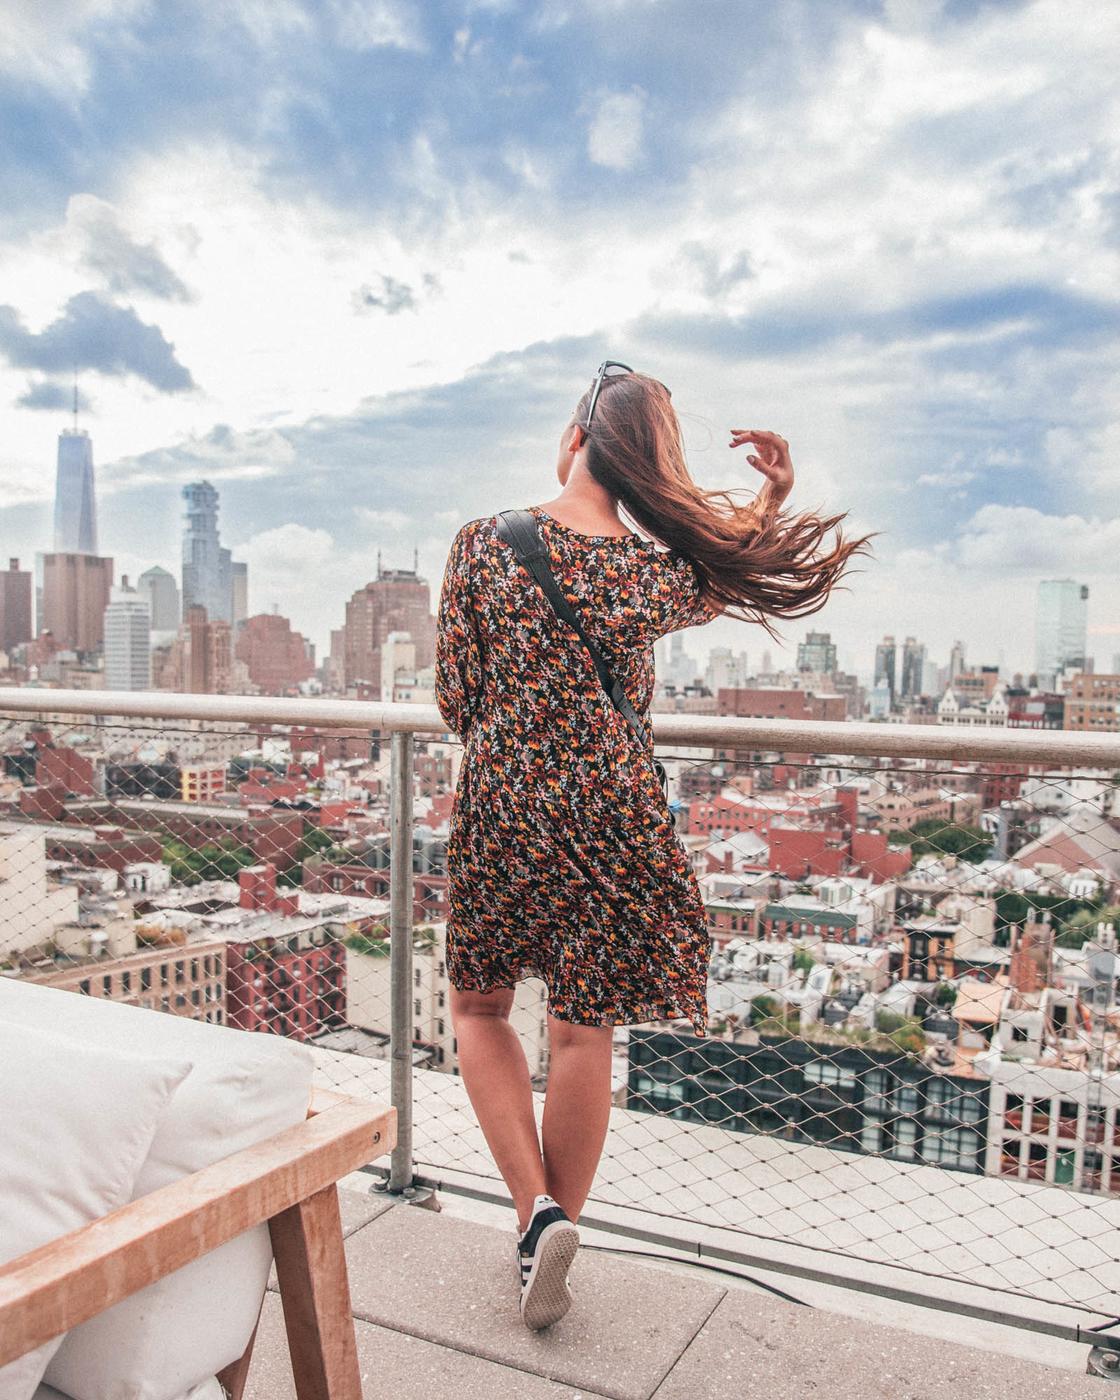 New Yorkin reissu ja epäonnistunut synttäriyllätys